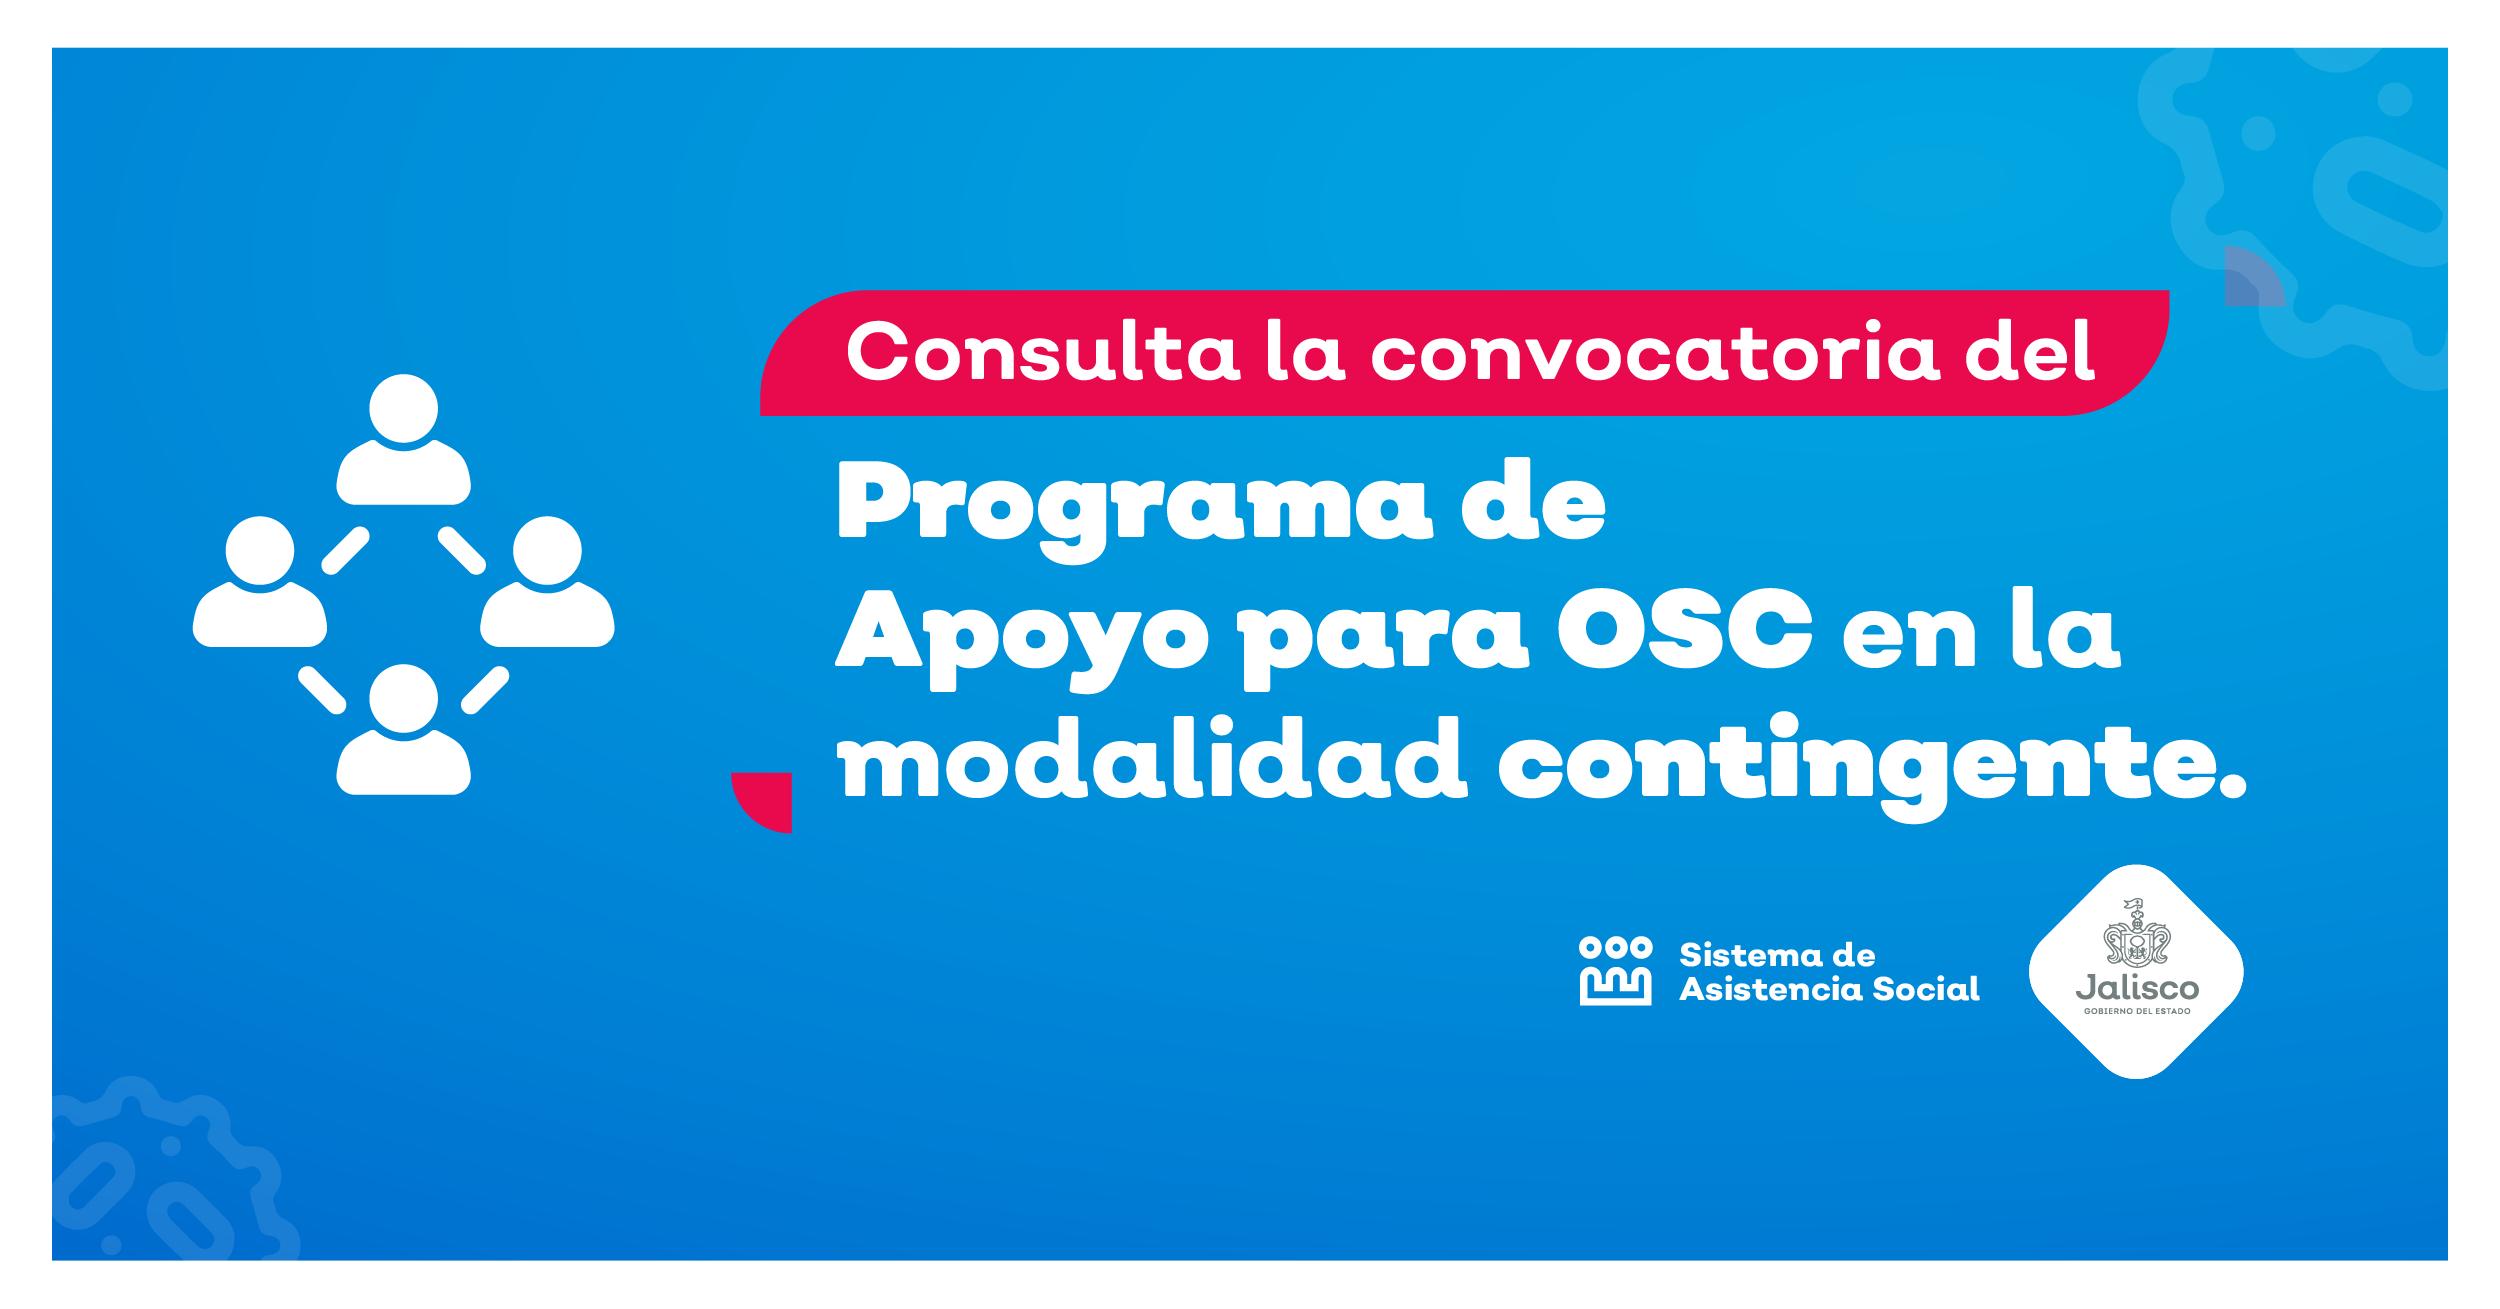 Consulta la convocatoria del programa de apoyo para OSC en la modalidad contingente